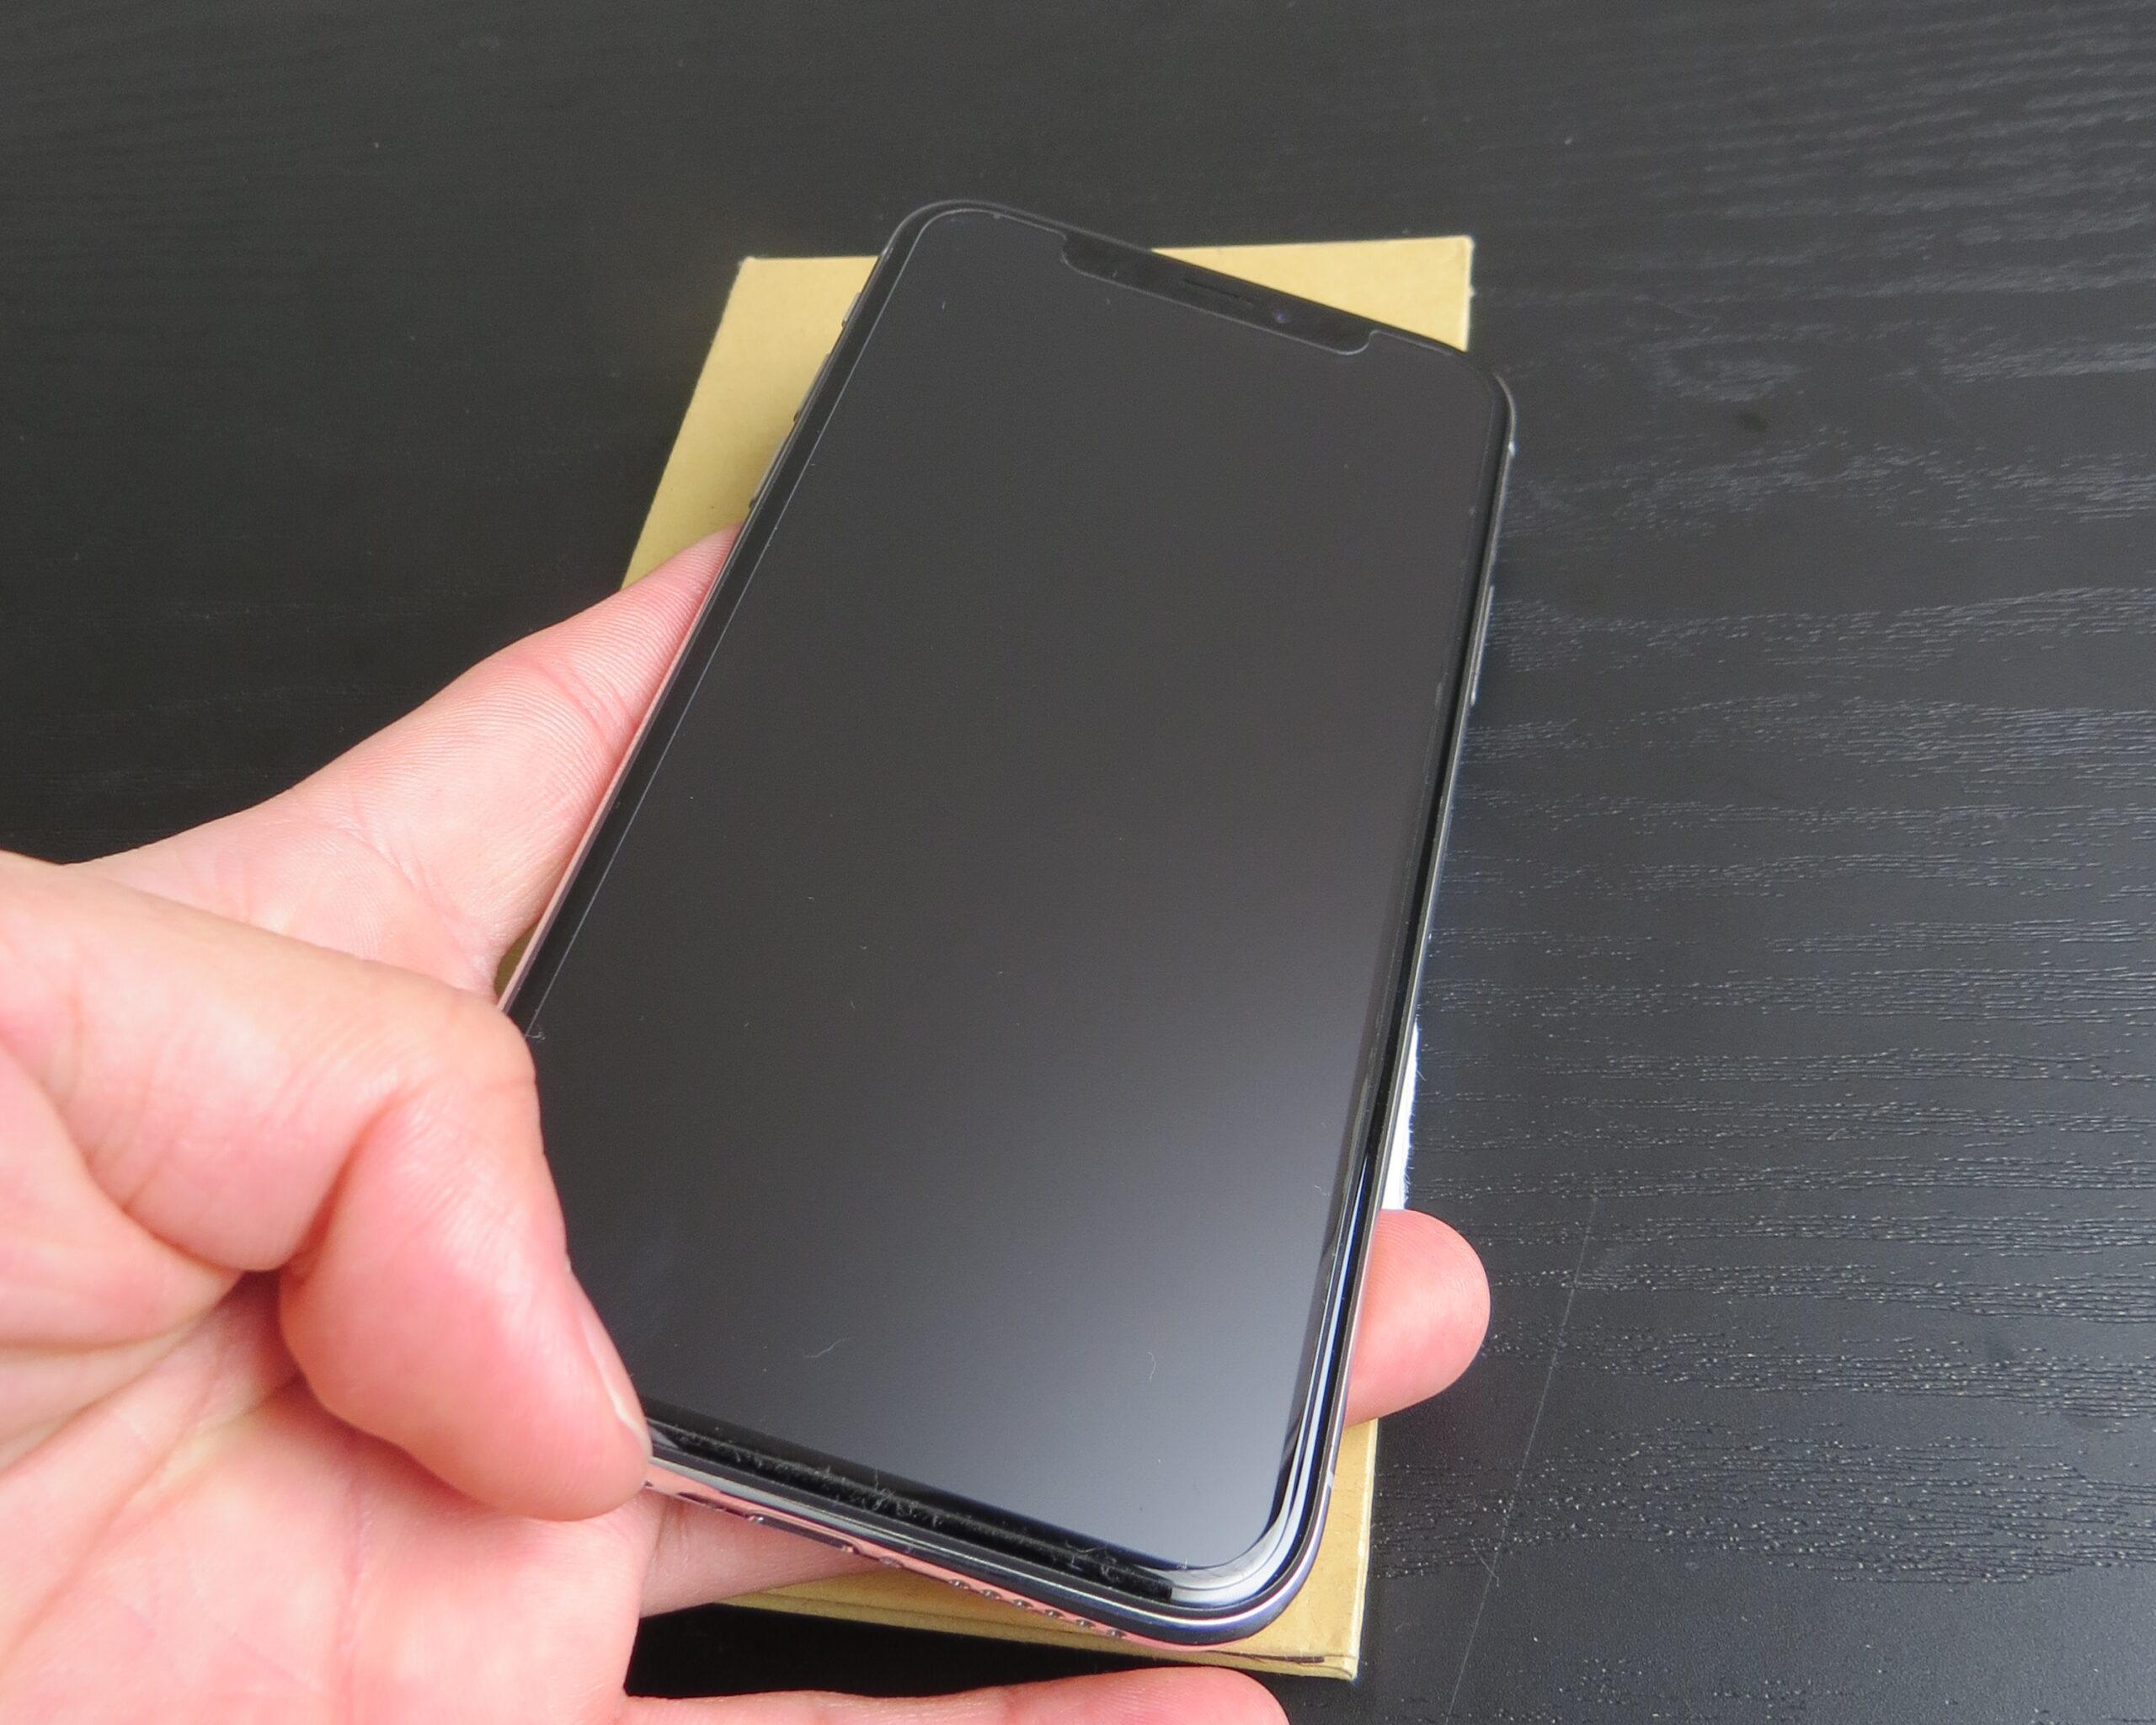 アンチグレアフィルムを貼ったiPhonexs